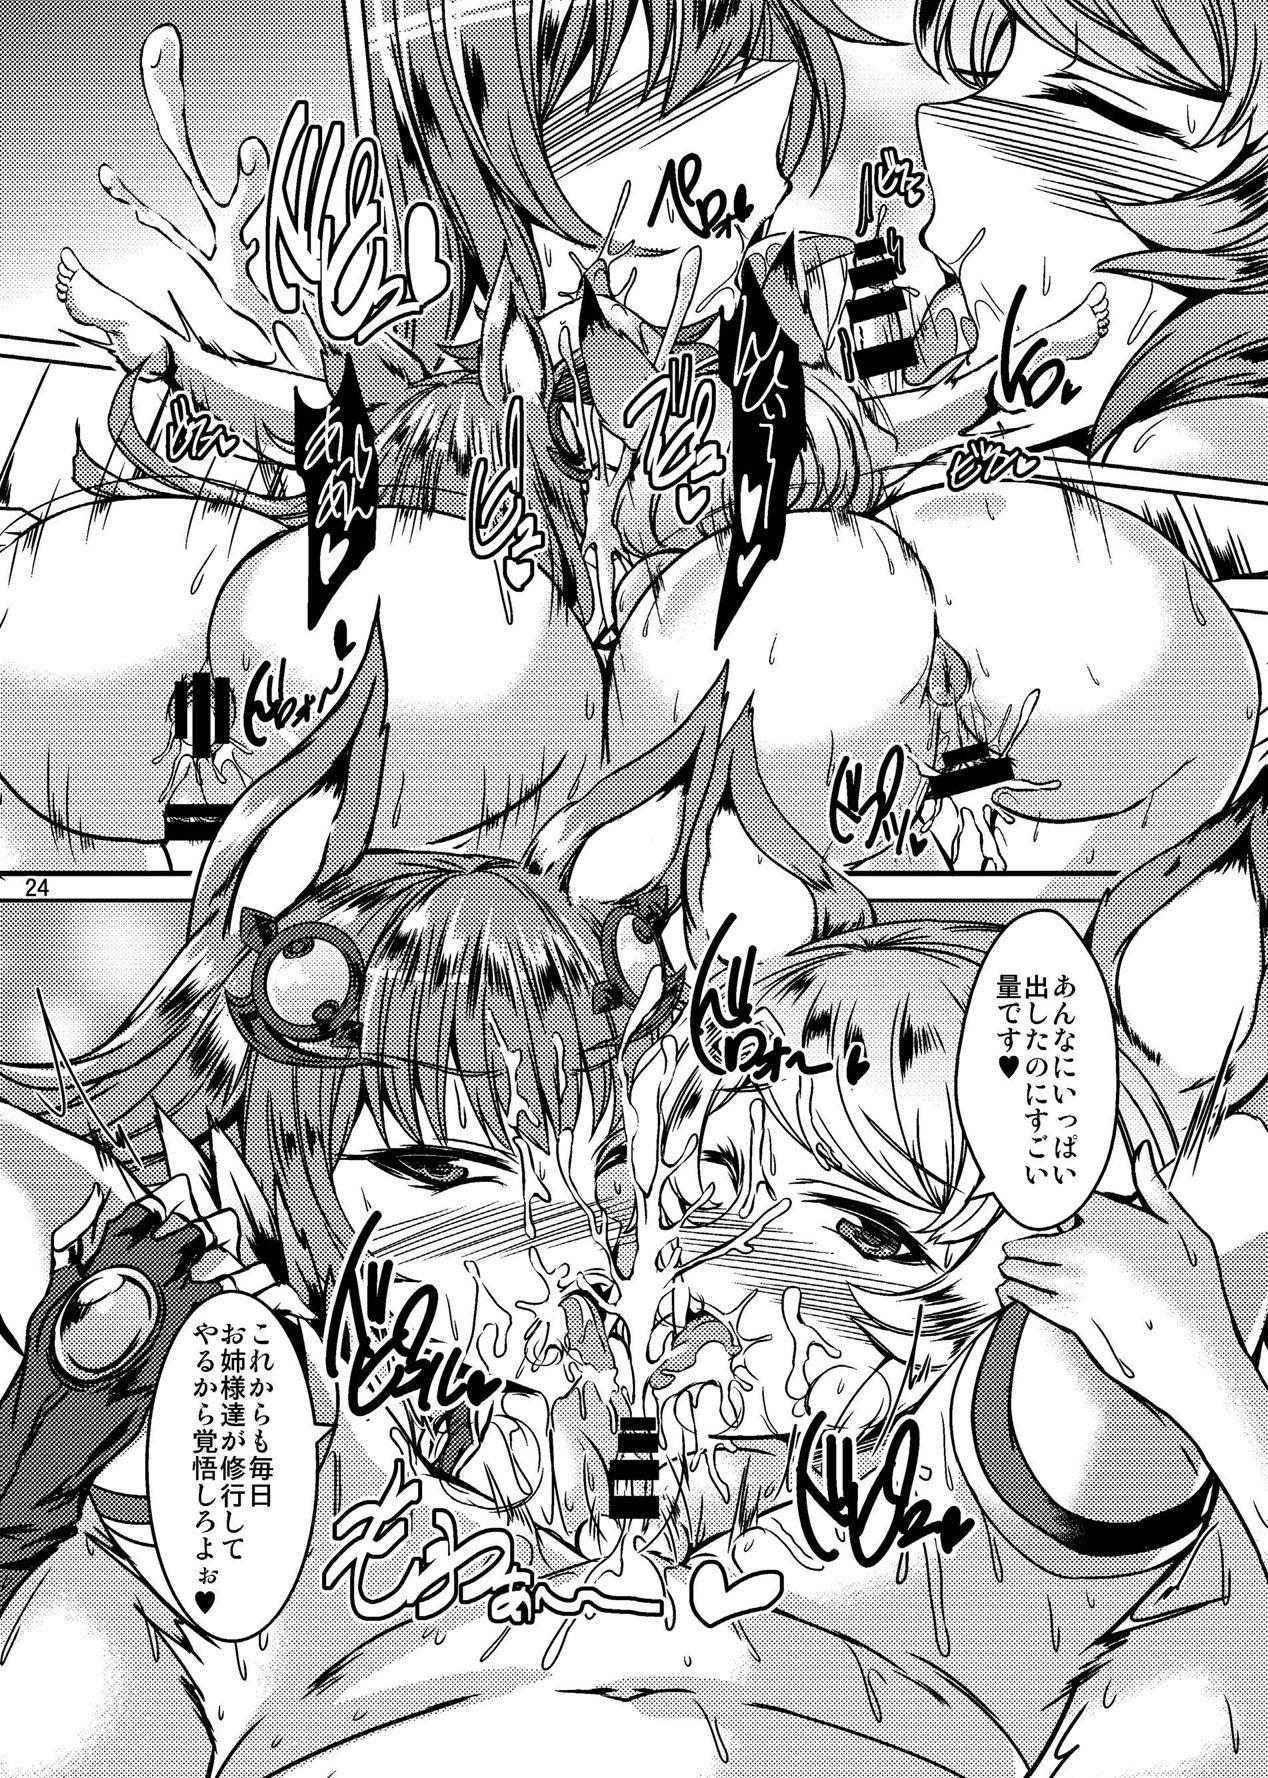 Zenkuu Ichi Bitch Shimai 23